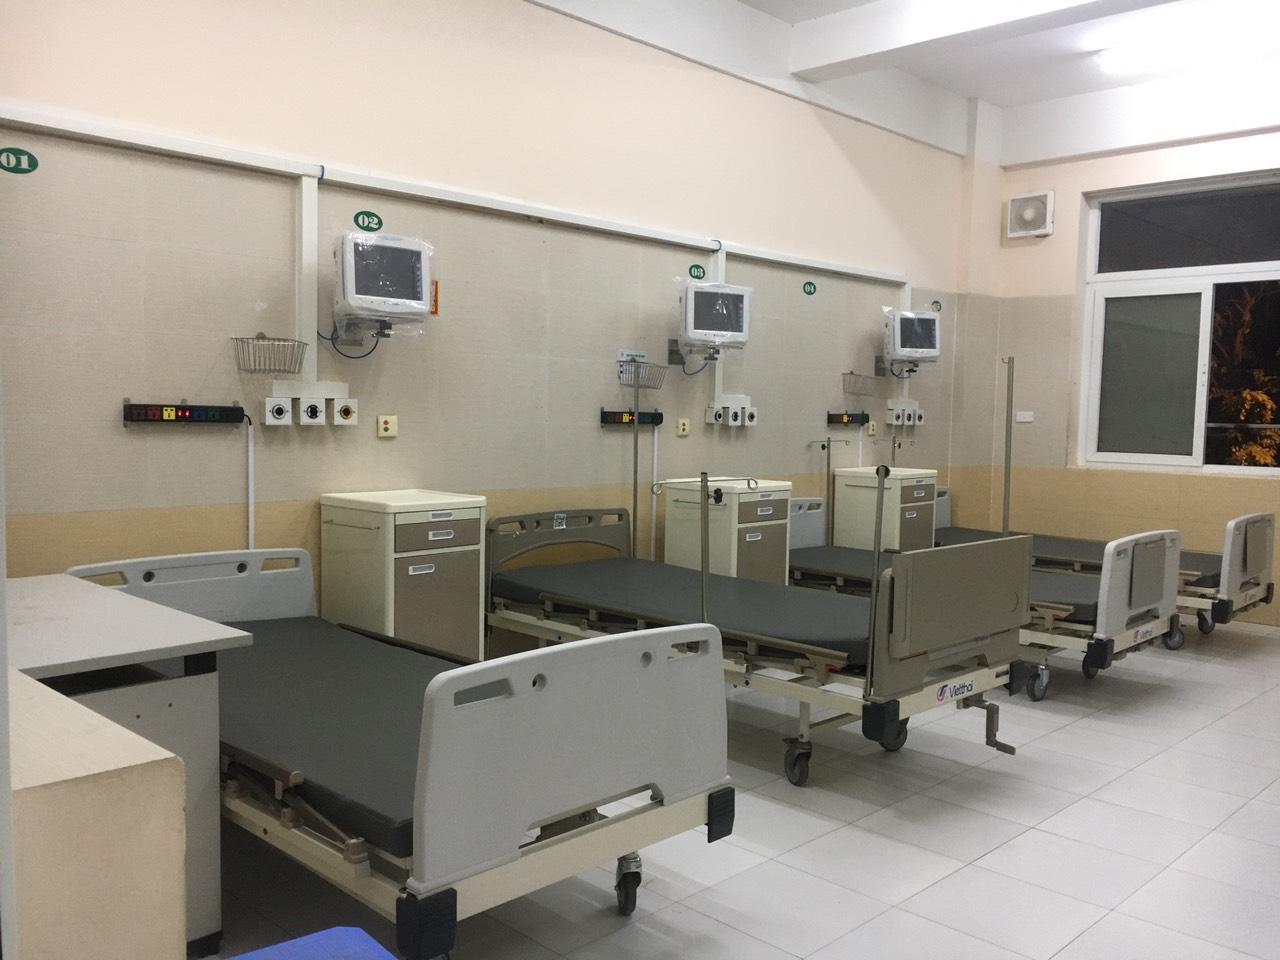 Đơn nguyên 50 giường bệnh đầu tiên của Trung tâm hồi sức tích cực (ICU). Ảnh: T&T.